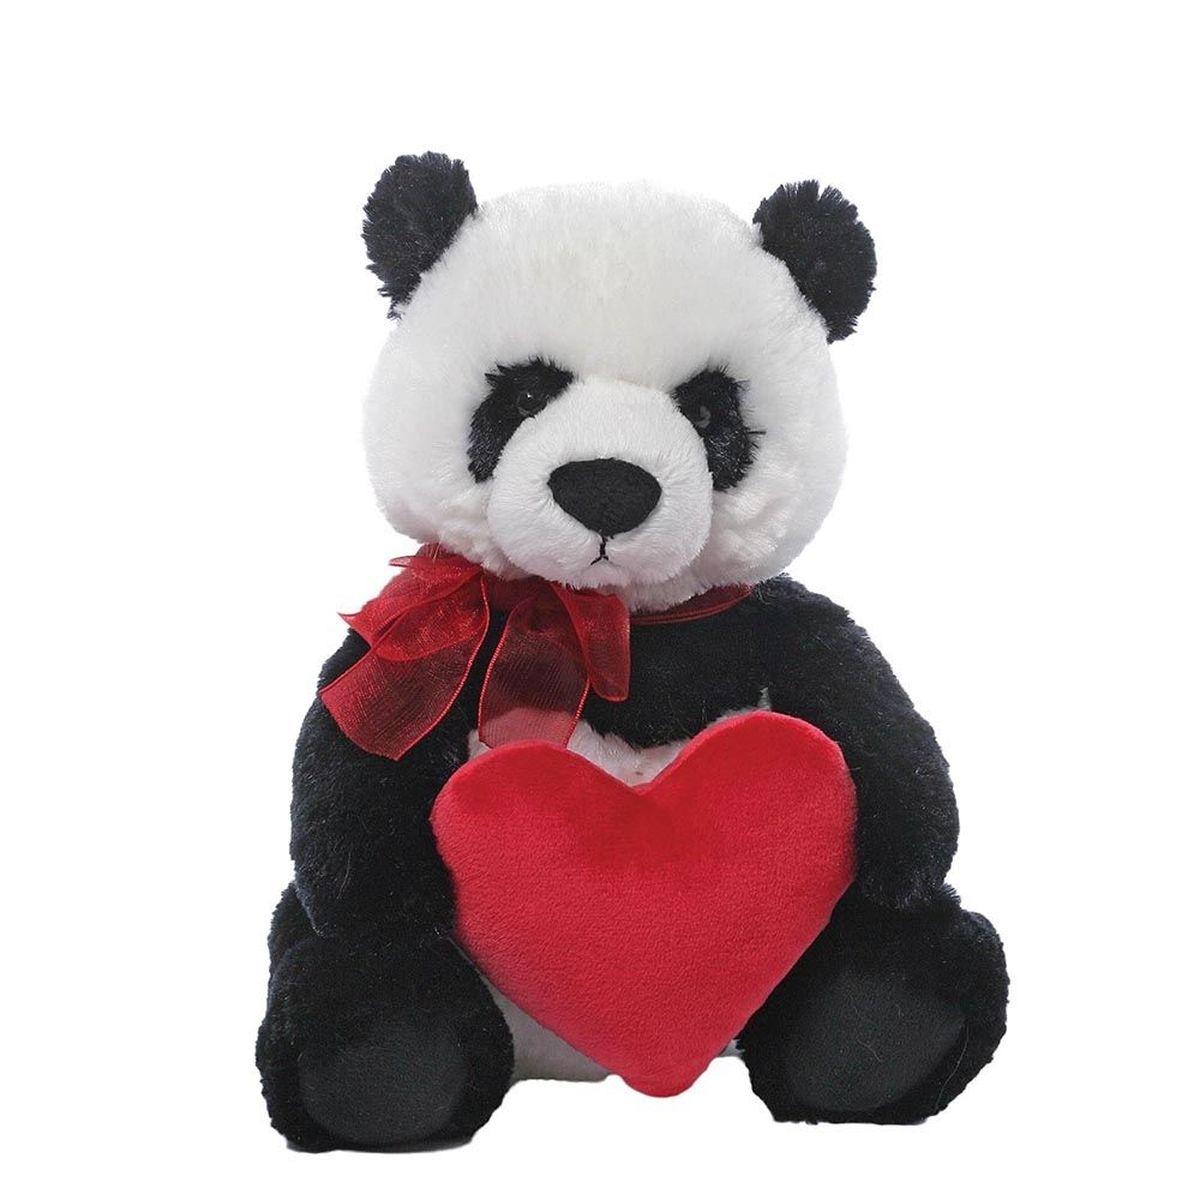 Gund Мягкая игрушка Pandalove 21,5 см недорого